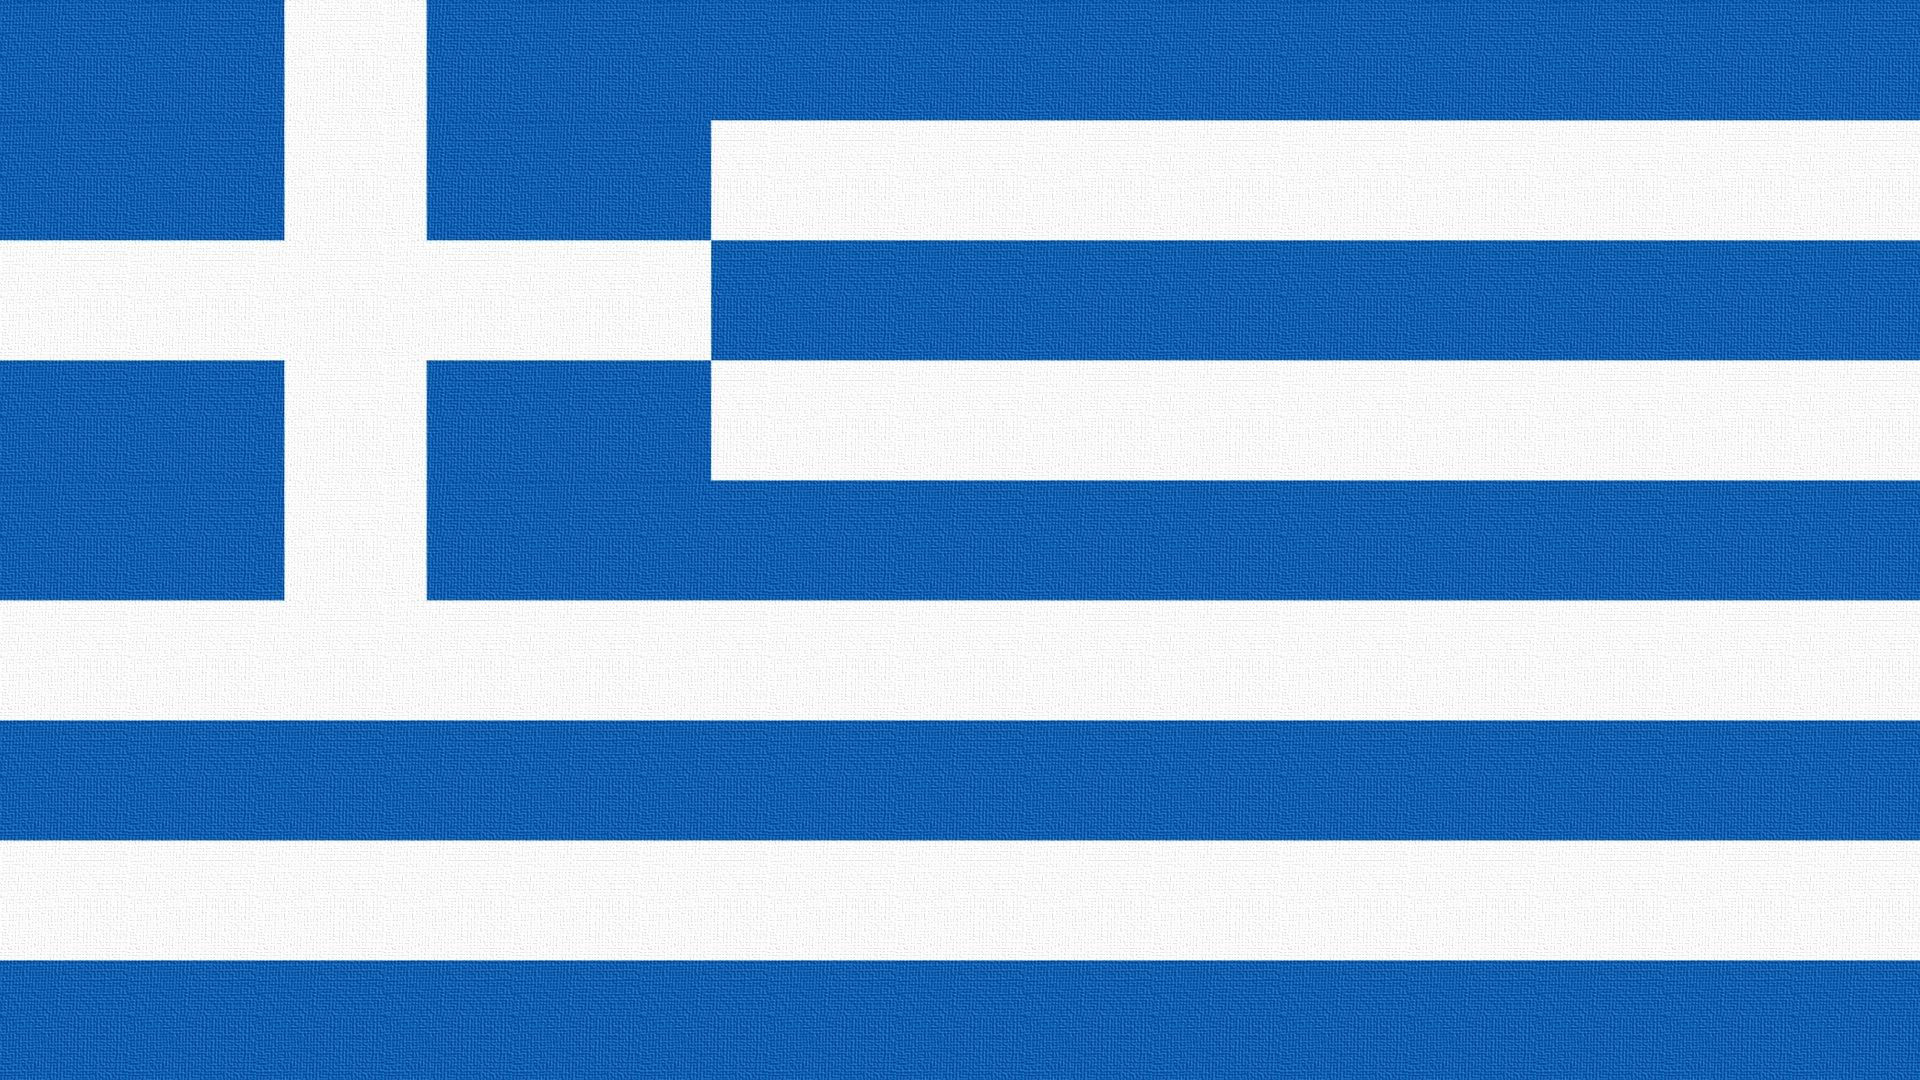 flag-greciya-sinij-belyj